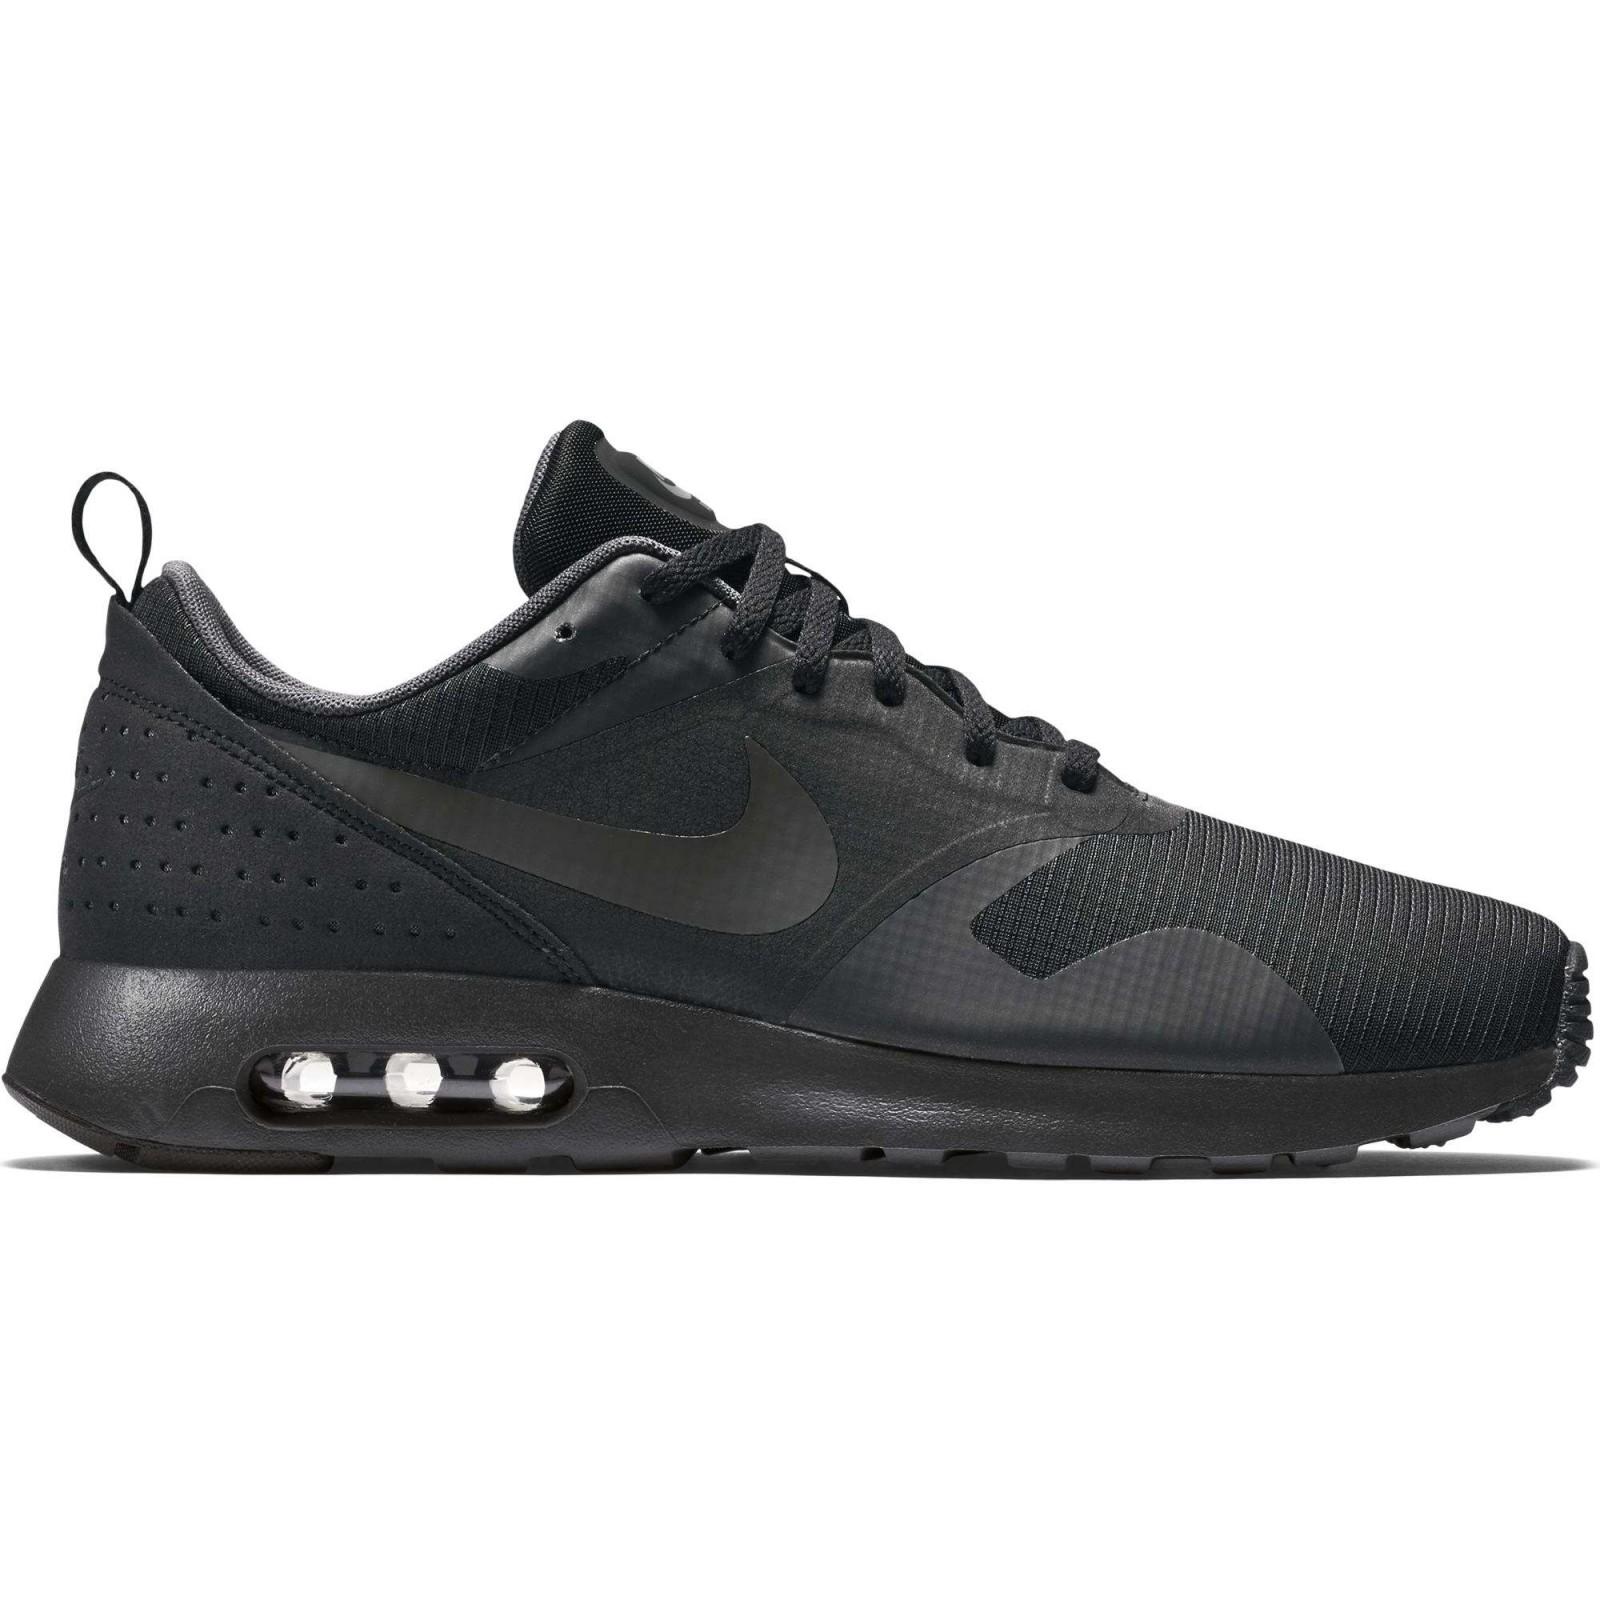 e5c19b1e7e5 Pánské boty Nike Air Max Tavas černé